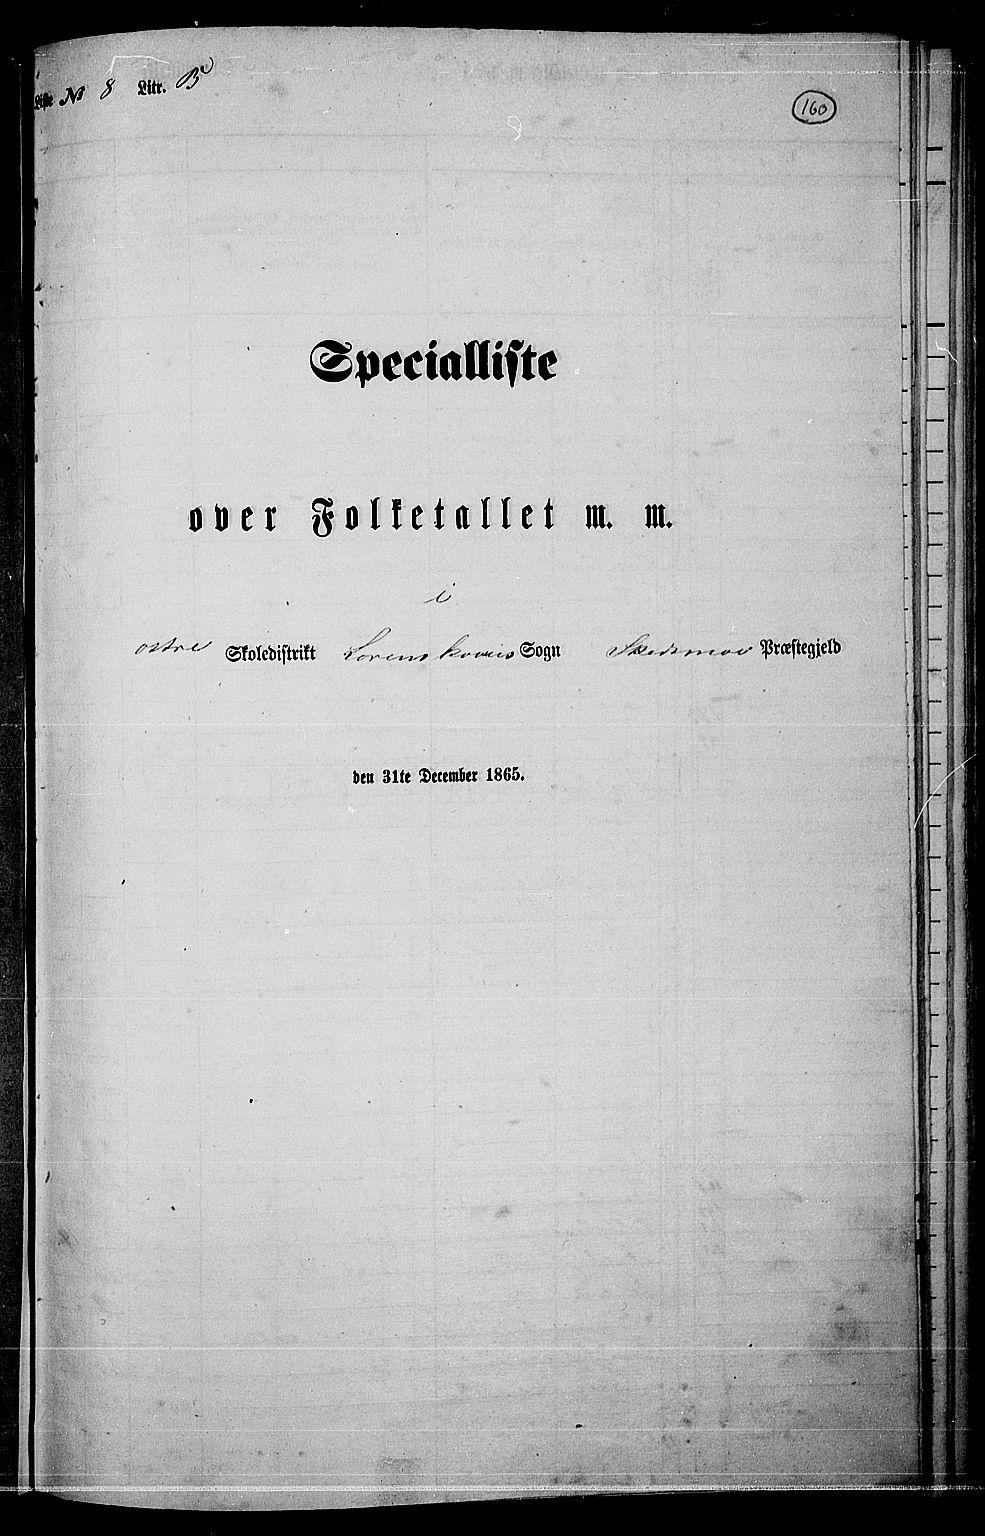 RA, Folketelling 1865 for 0231P Skedsmo prestegjeld, 1865, s. 143